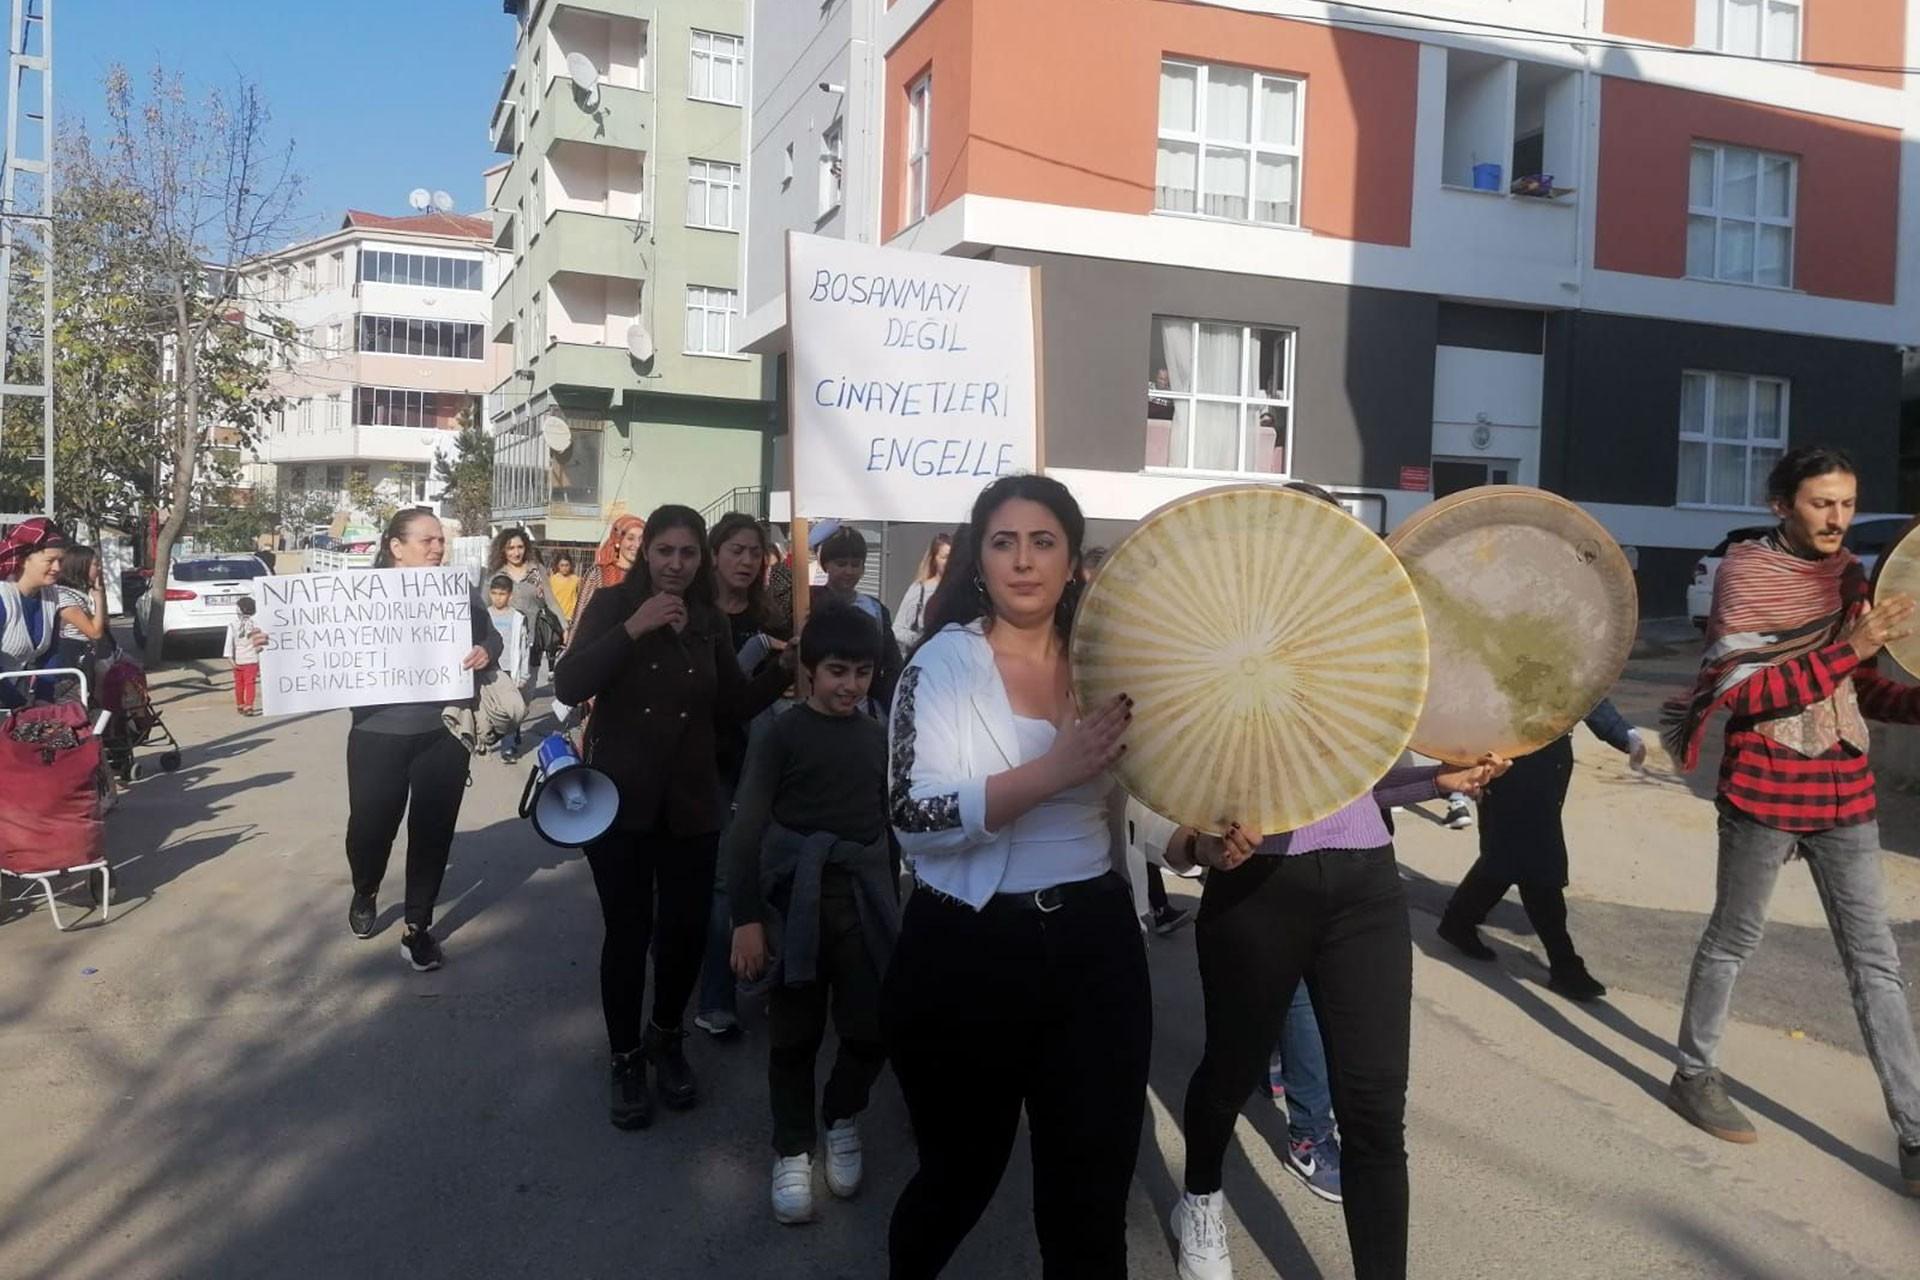 Esenyalı Kadın Dayanışma Derneğinin çağrısıyla erbaneli yürüyüş yapan kadınlar.